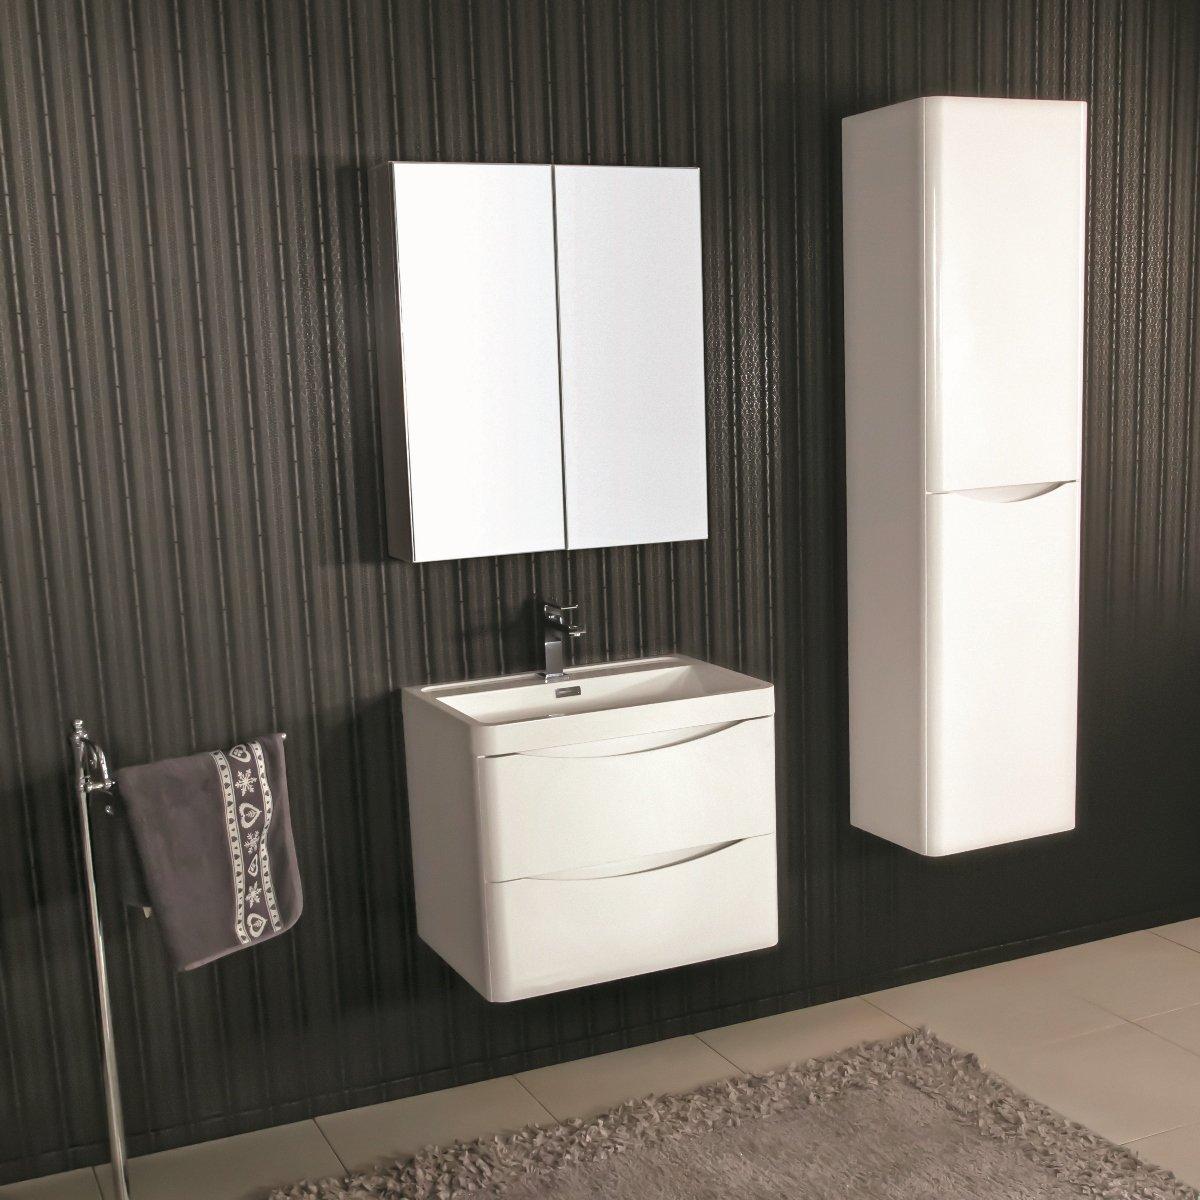 Armadietto Bagno Moderno mobile bagno sospeso moderno 60 cm con lavabo e specchio. ortensia bianco